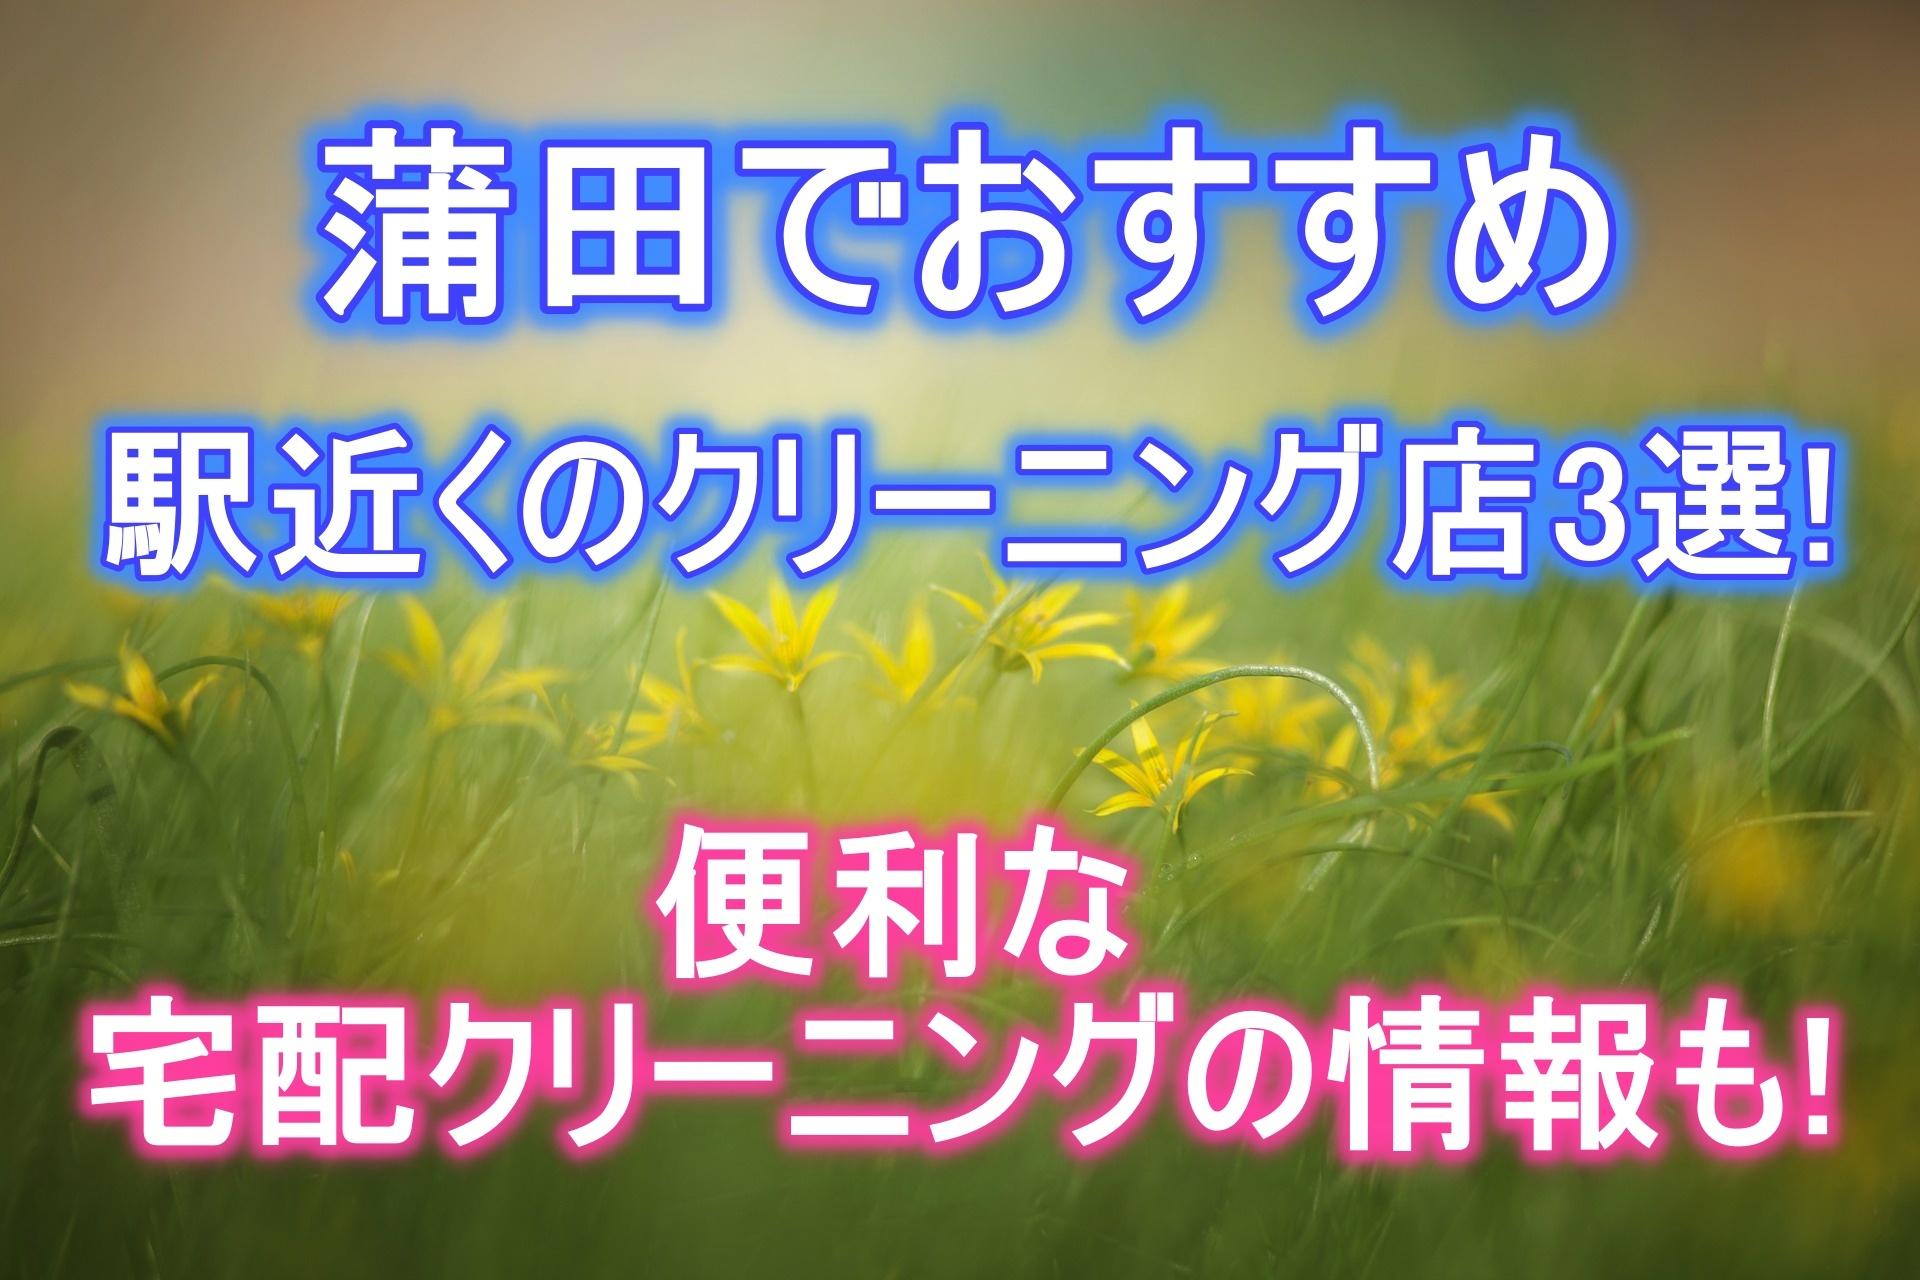 蒲田のおすすめクリーニング3選!便利な宅配クリーニングの情報も!